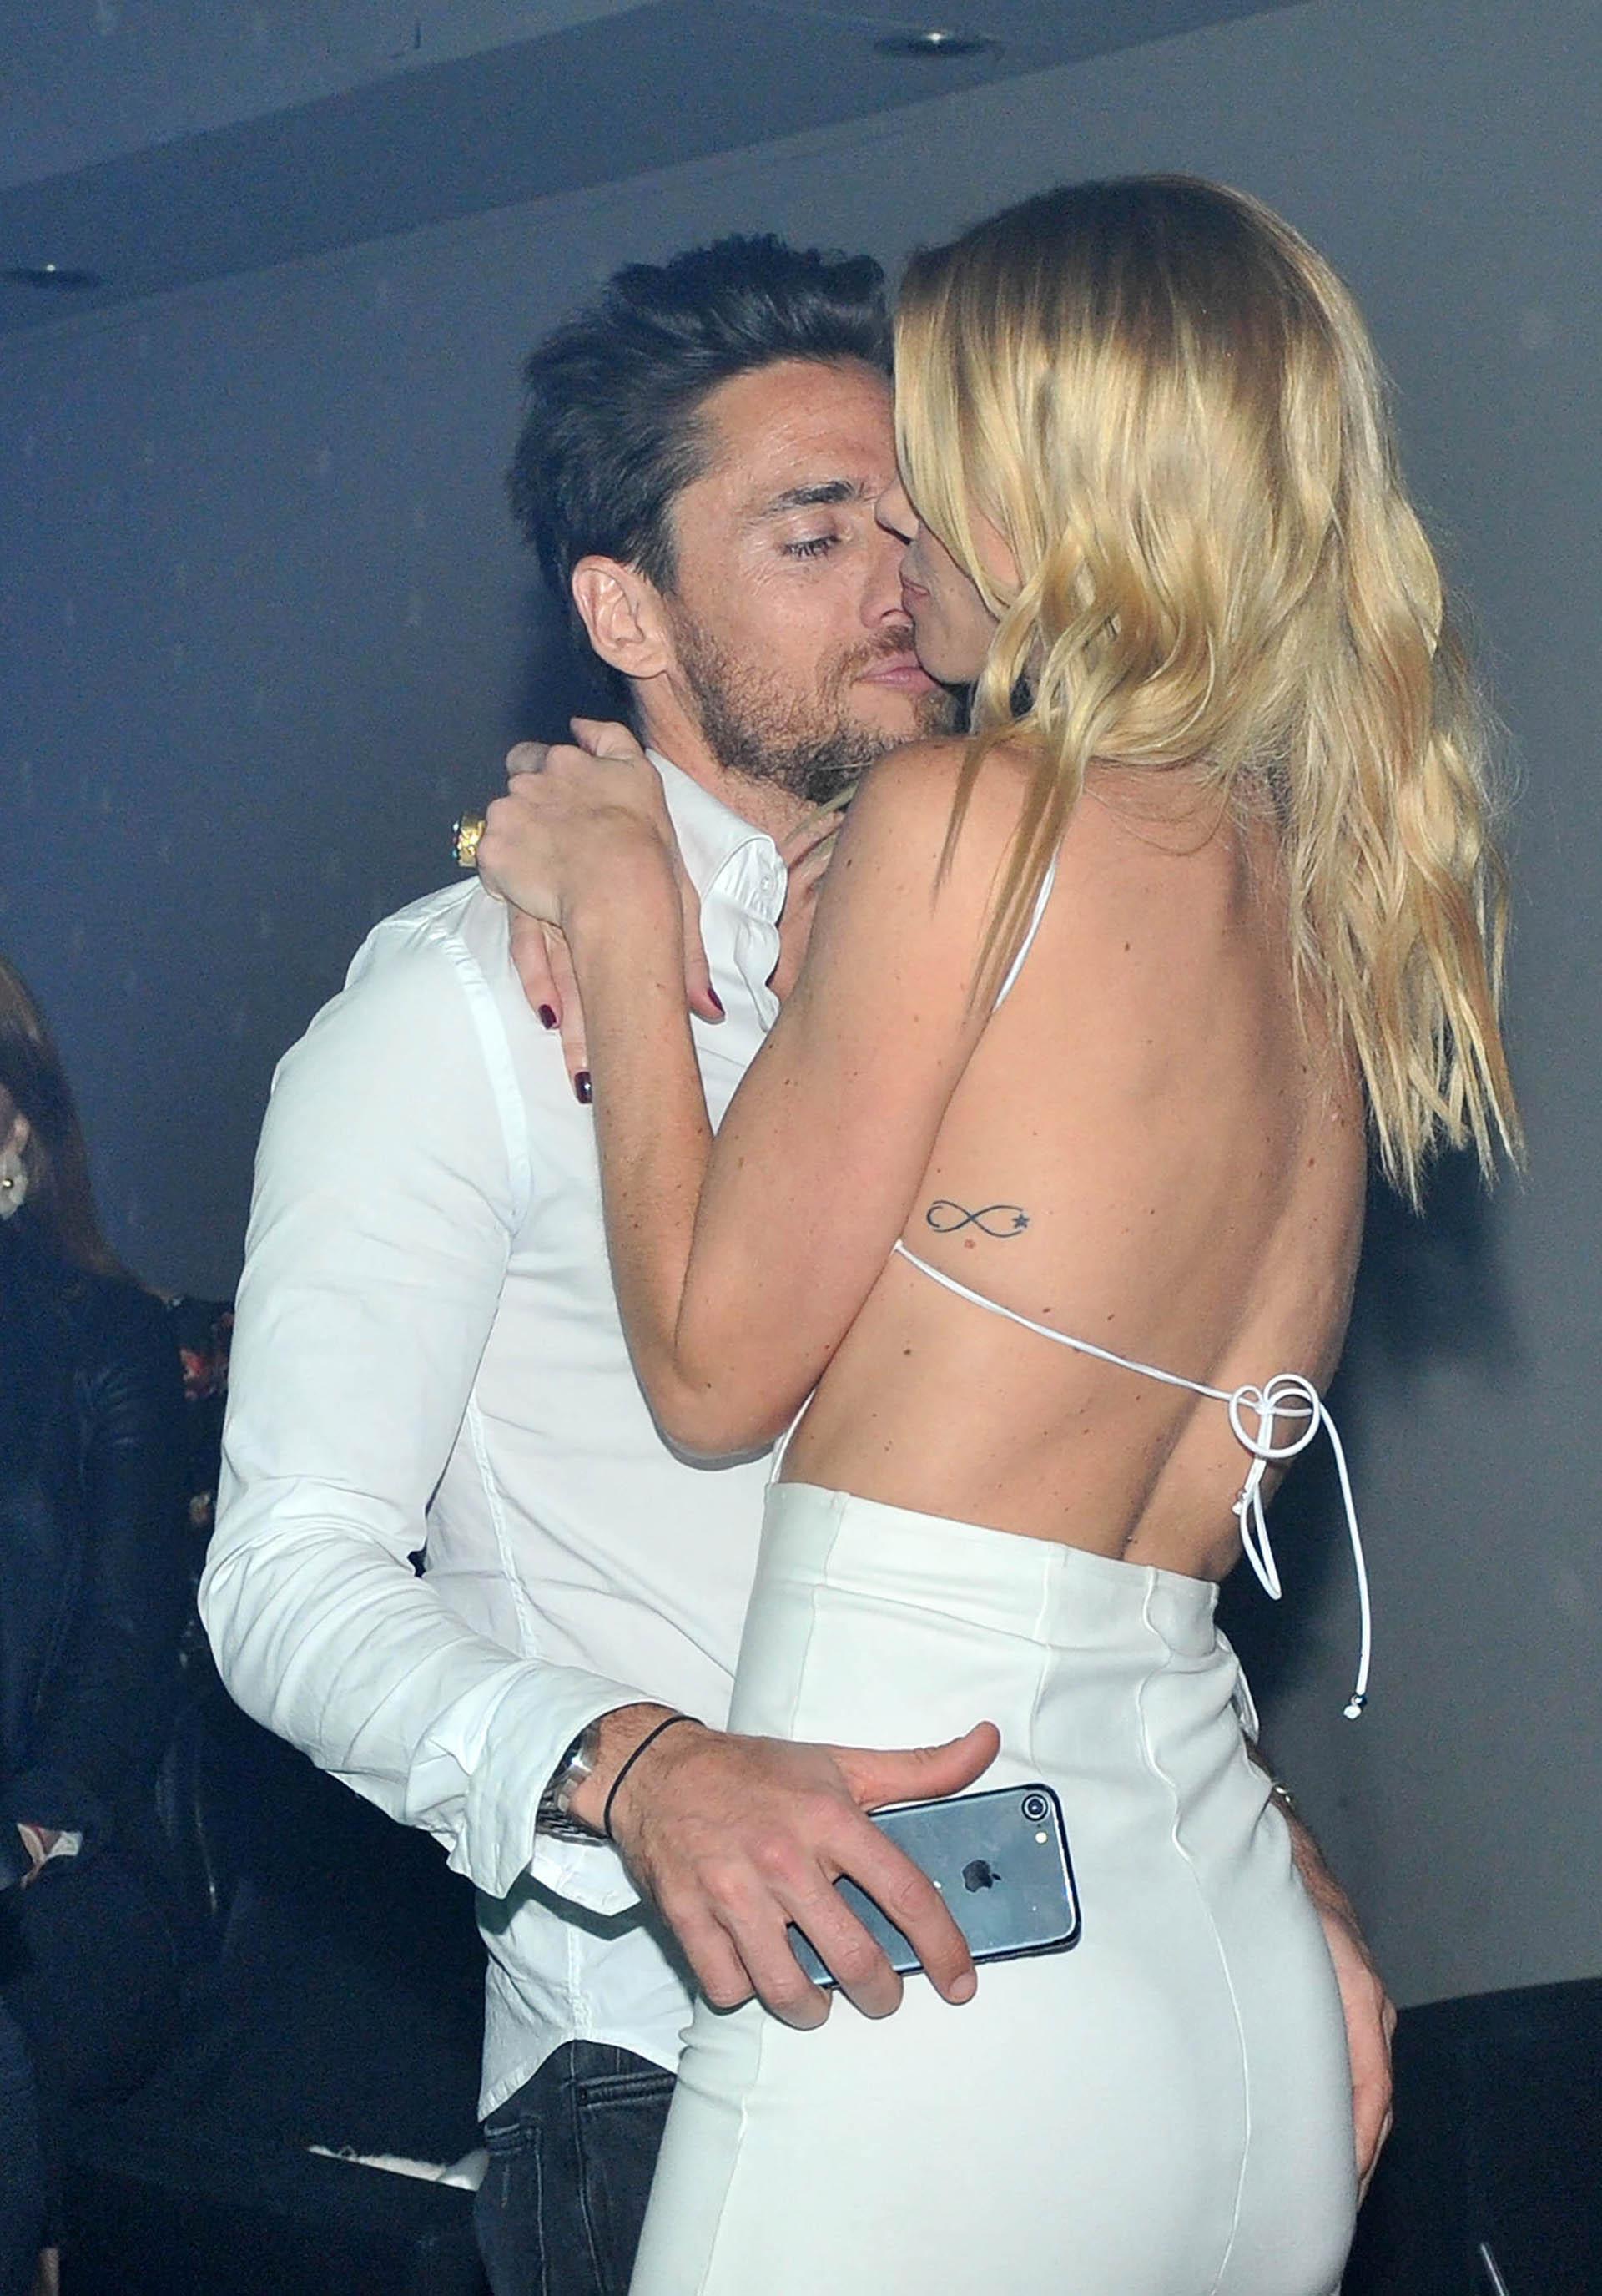 Nicole y su novio, Matías Tasín, no pararon de mimarse durante toda la fiesta